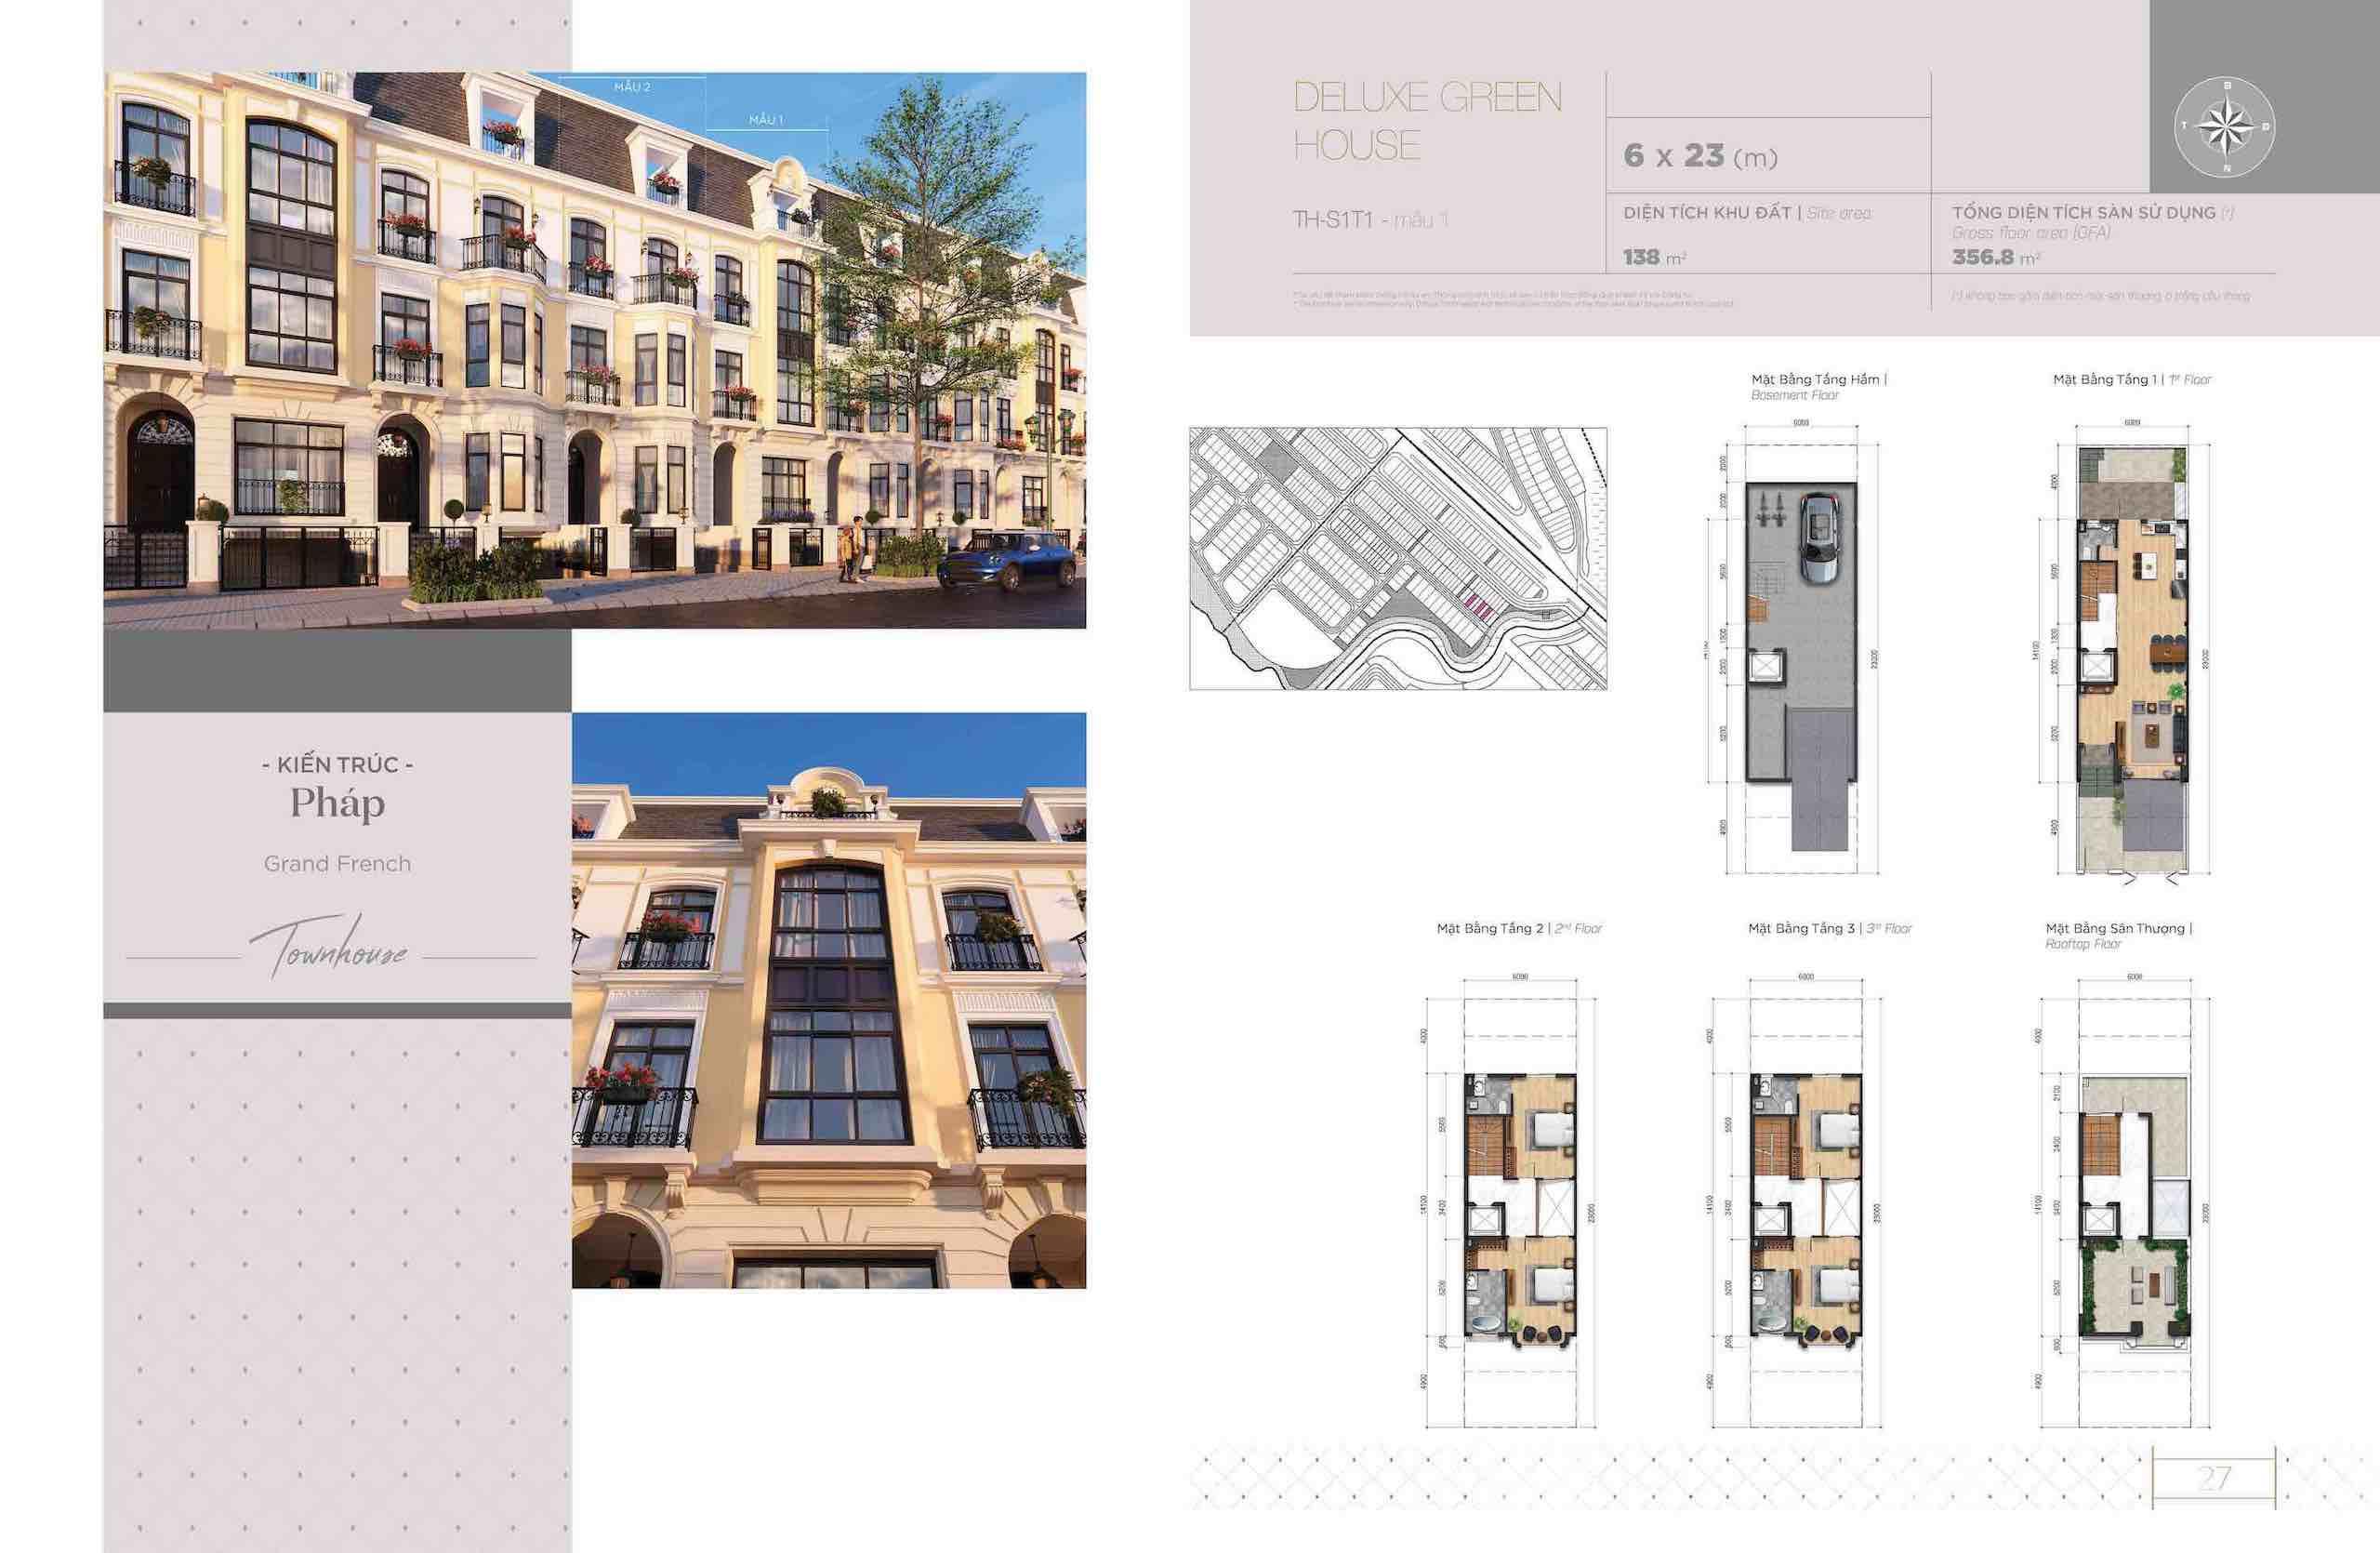 Thiết kế Townhouse Aqua Marina Aqua city